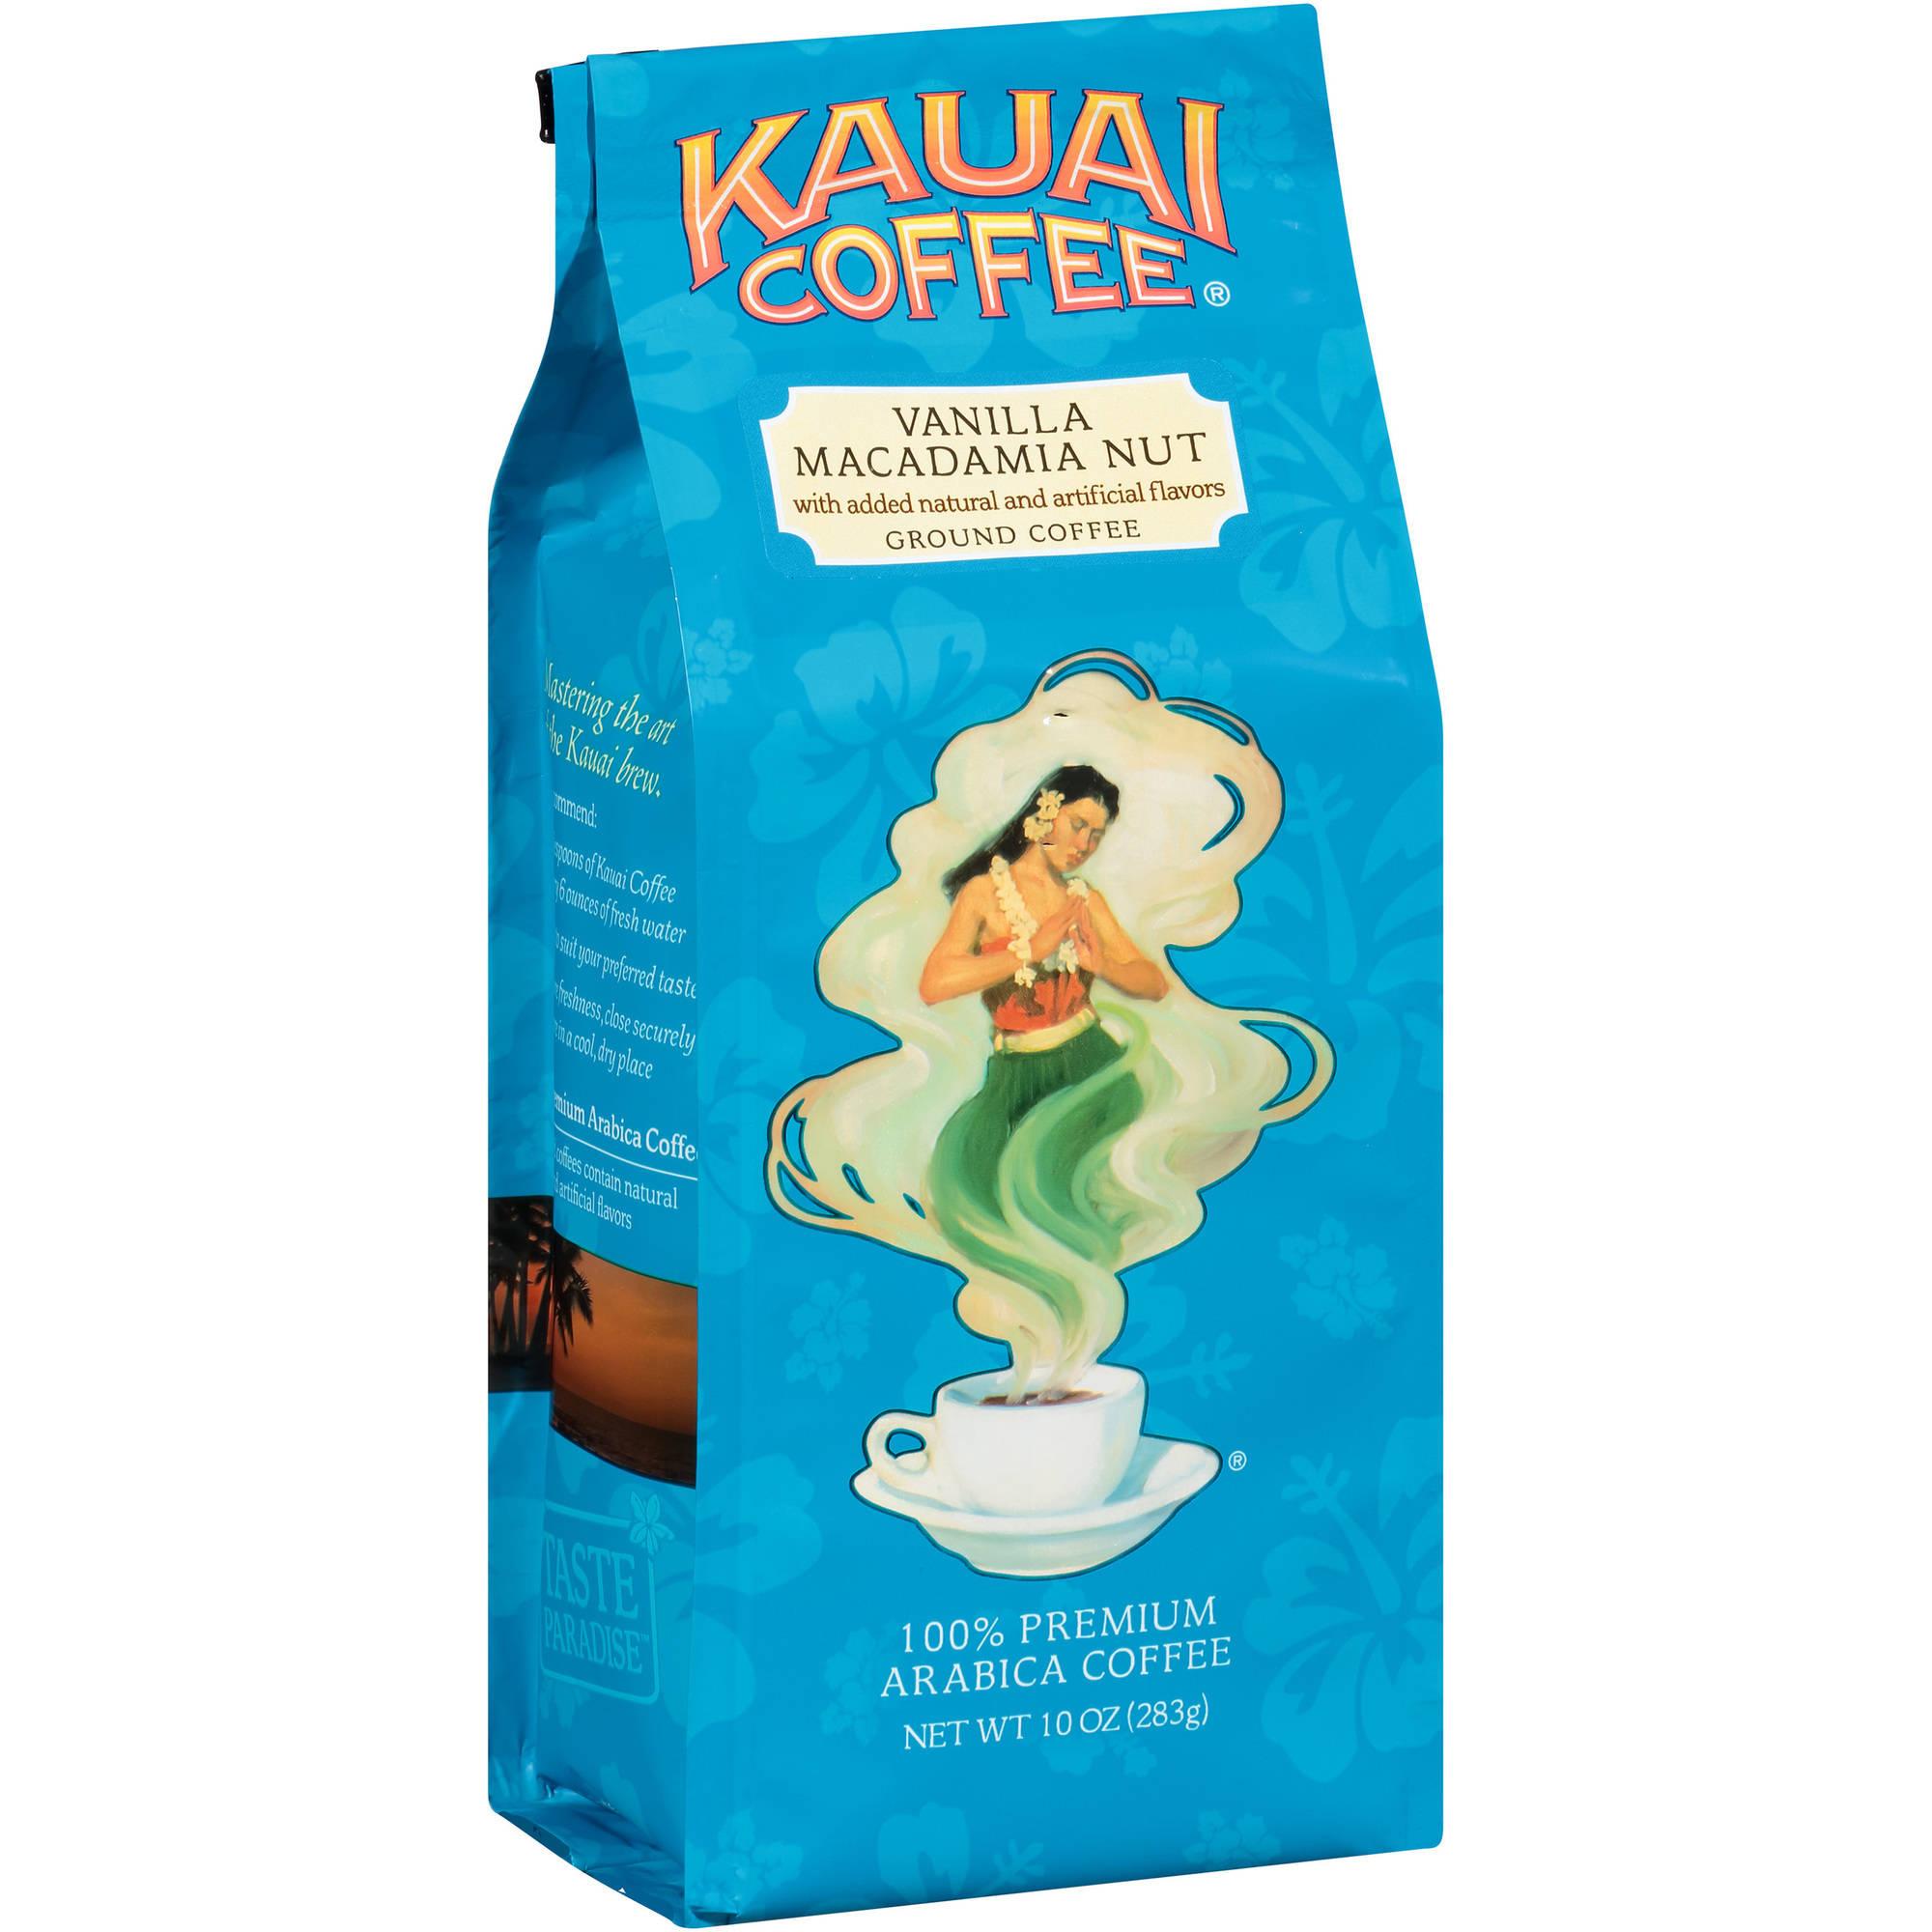 Kauai Coffee Vanilla Macadamia Nut Ground Coffee, 10 oz